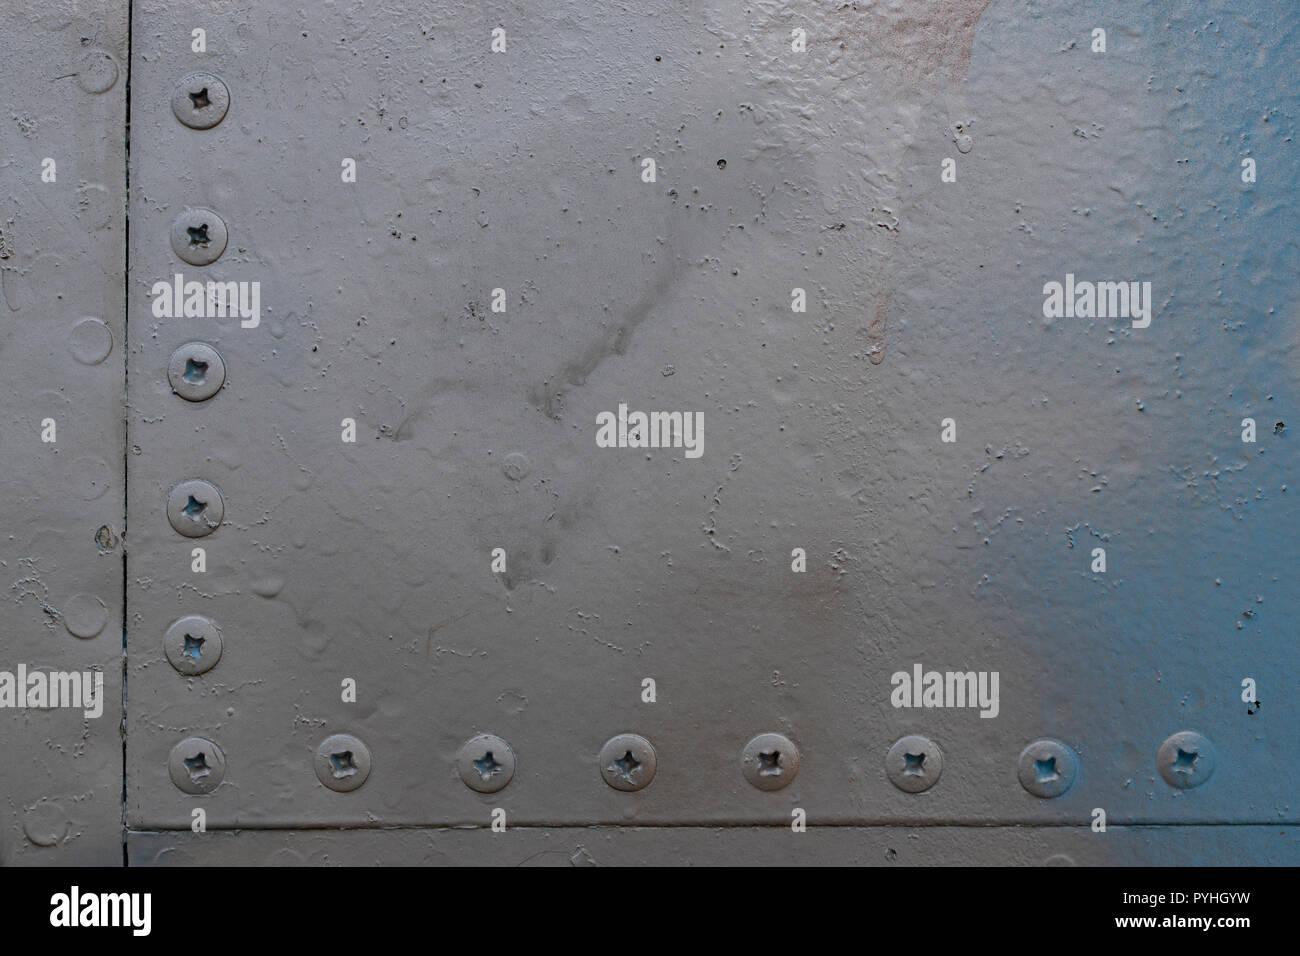 Korrosion Von Aluminium : Corrosion aluminium stockfotos corrosion aluminium bilder alamy